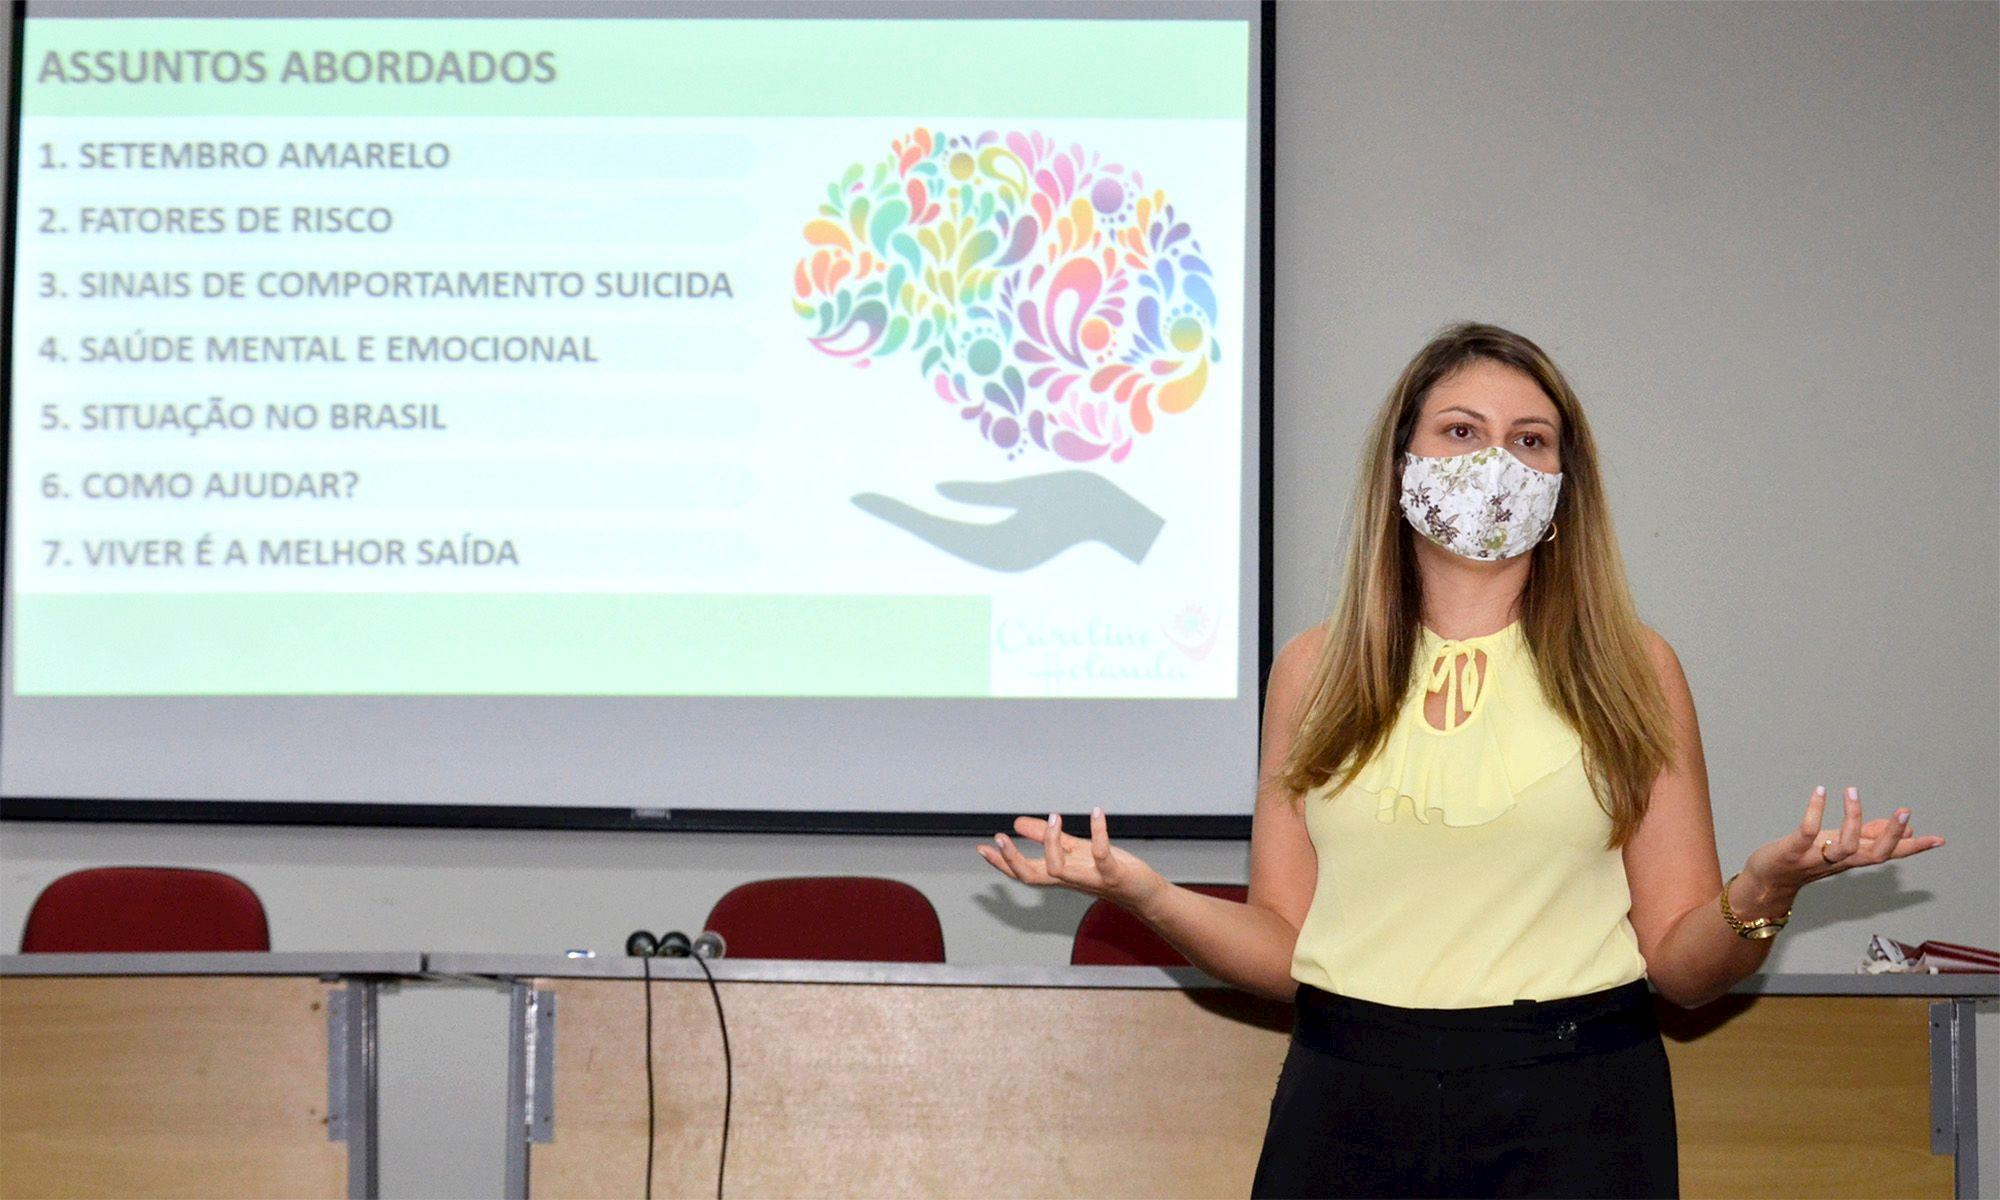 setembro, amarelo, caroline, brasil, depressão,, Daniela Gaspari/Imprensa SMetal